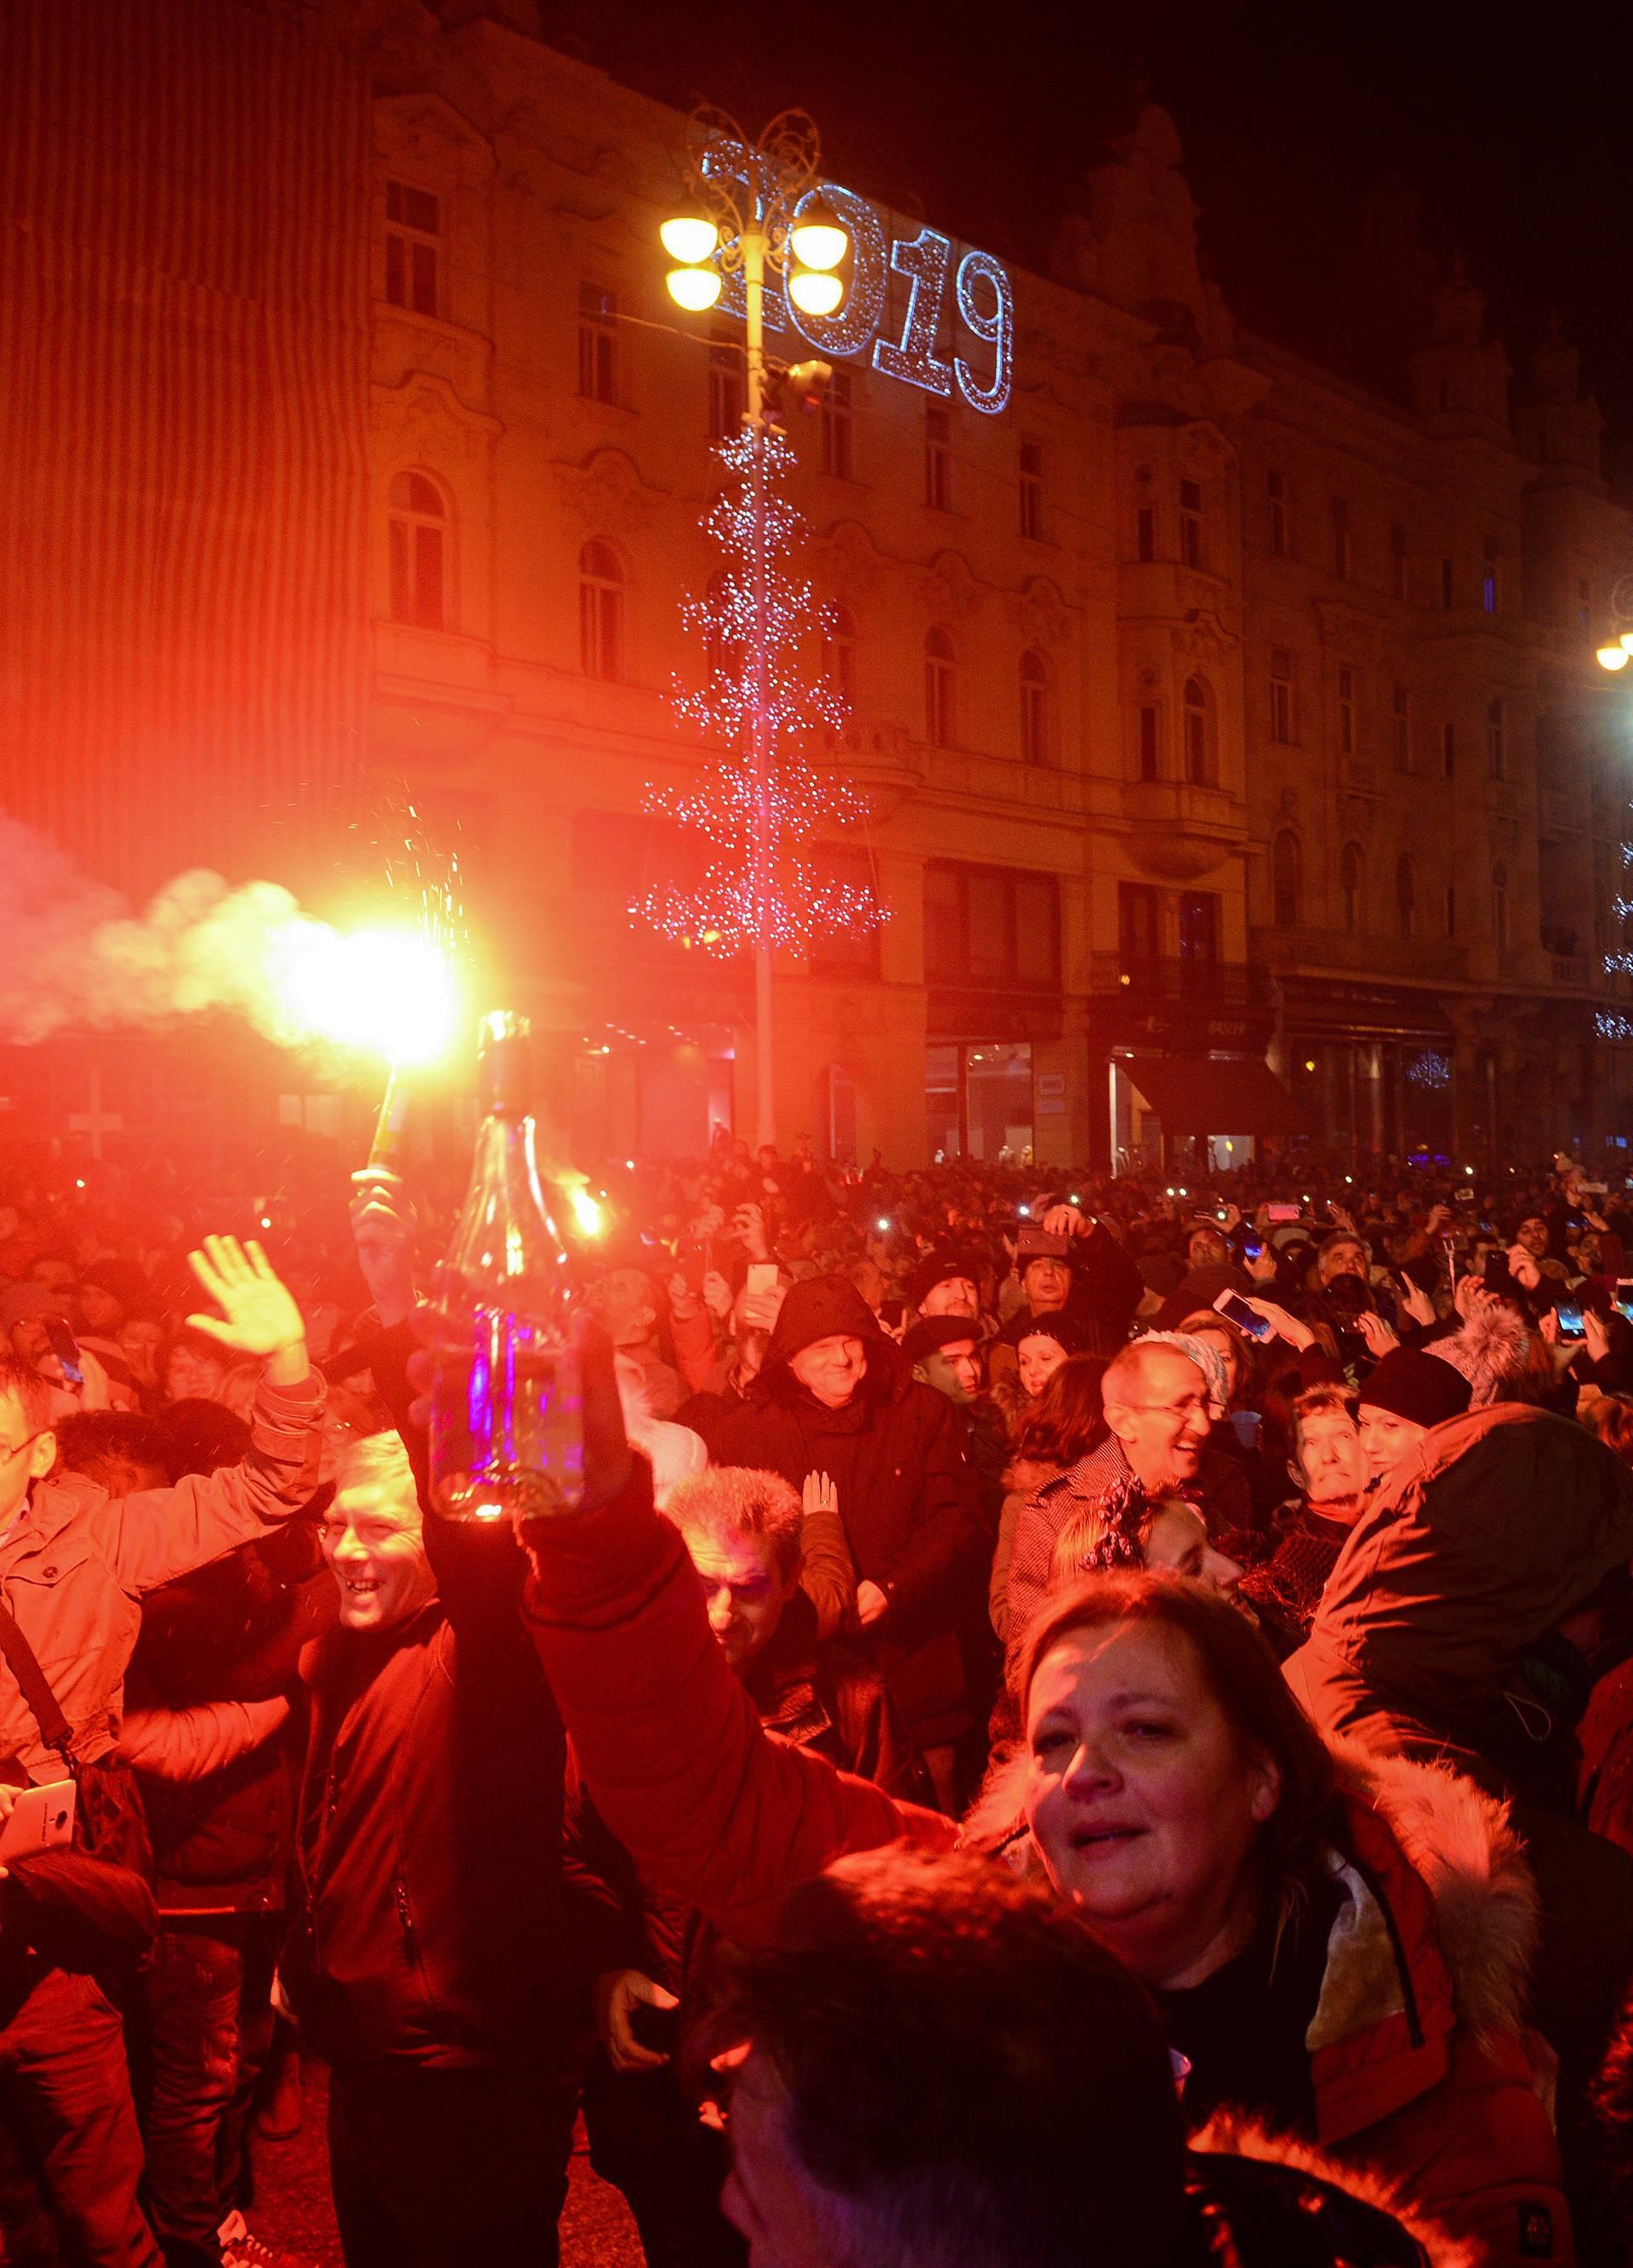 Ljudi se napili: Hitna u Zagrebu imala  je nešto više intervencija